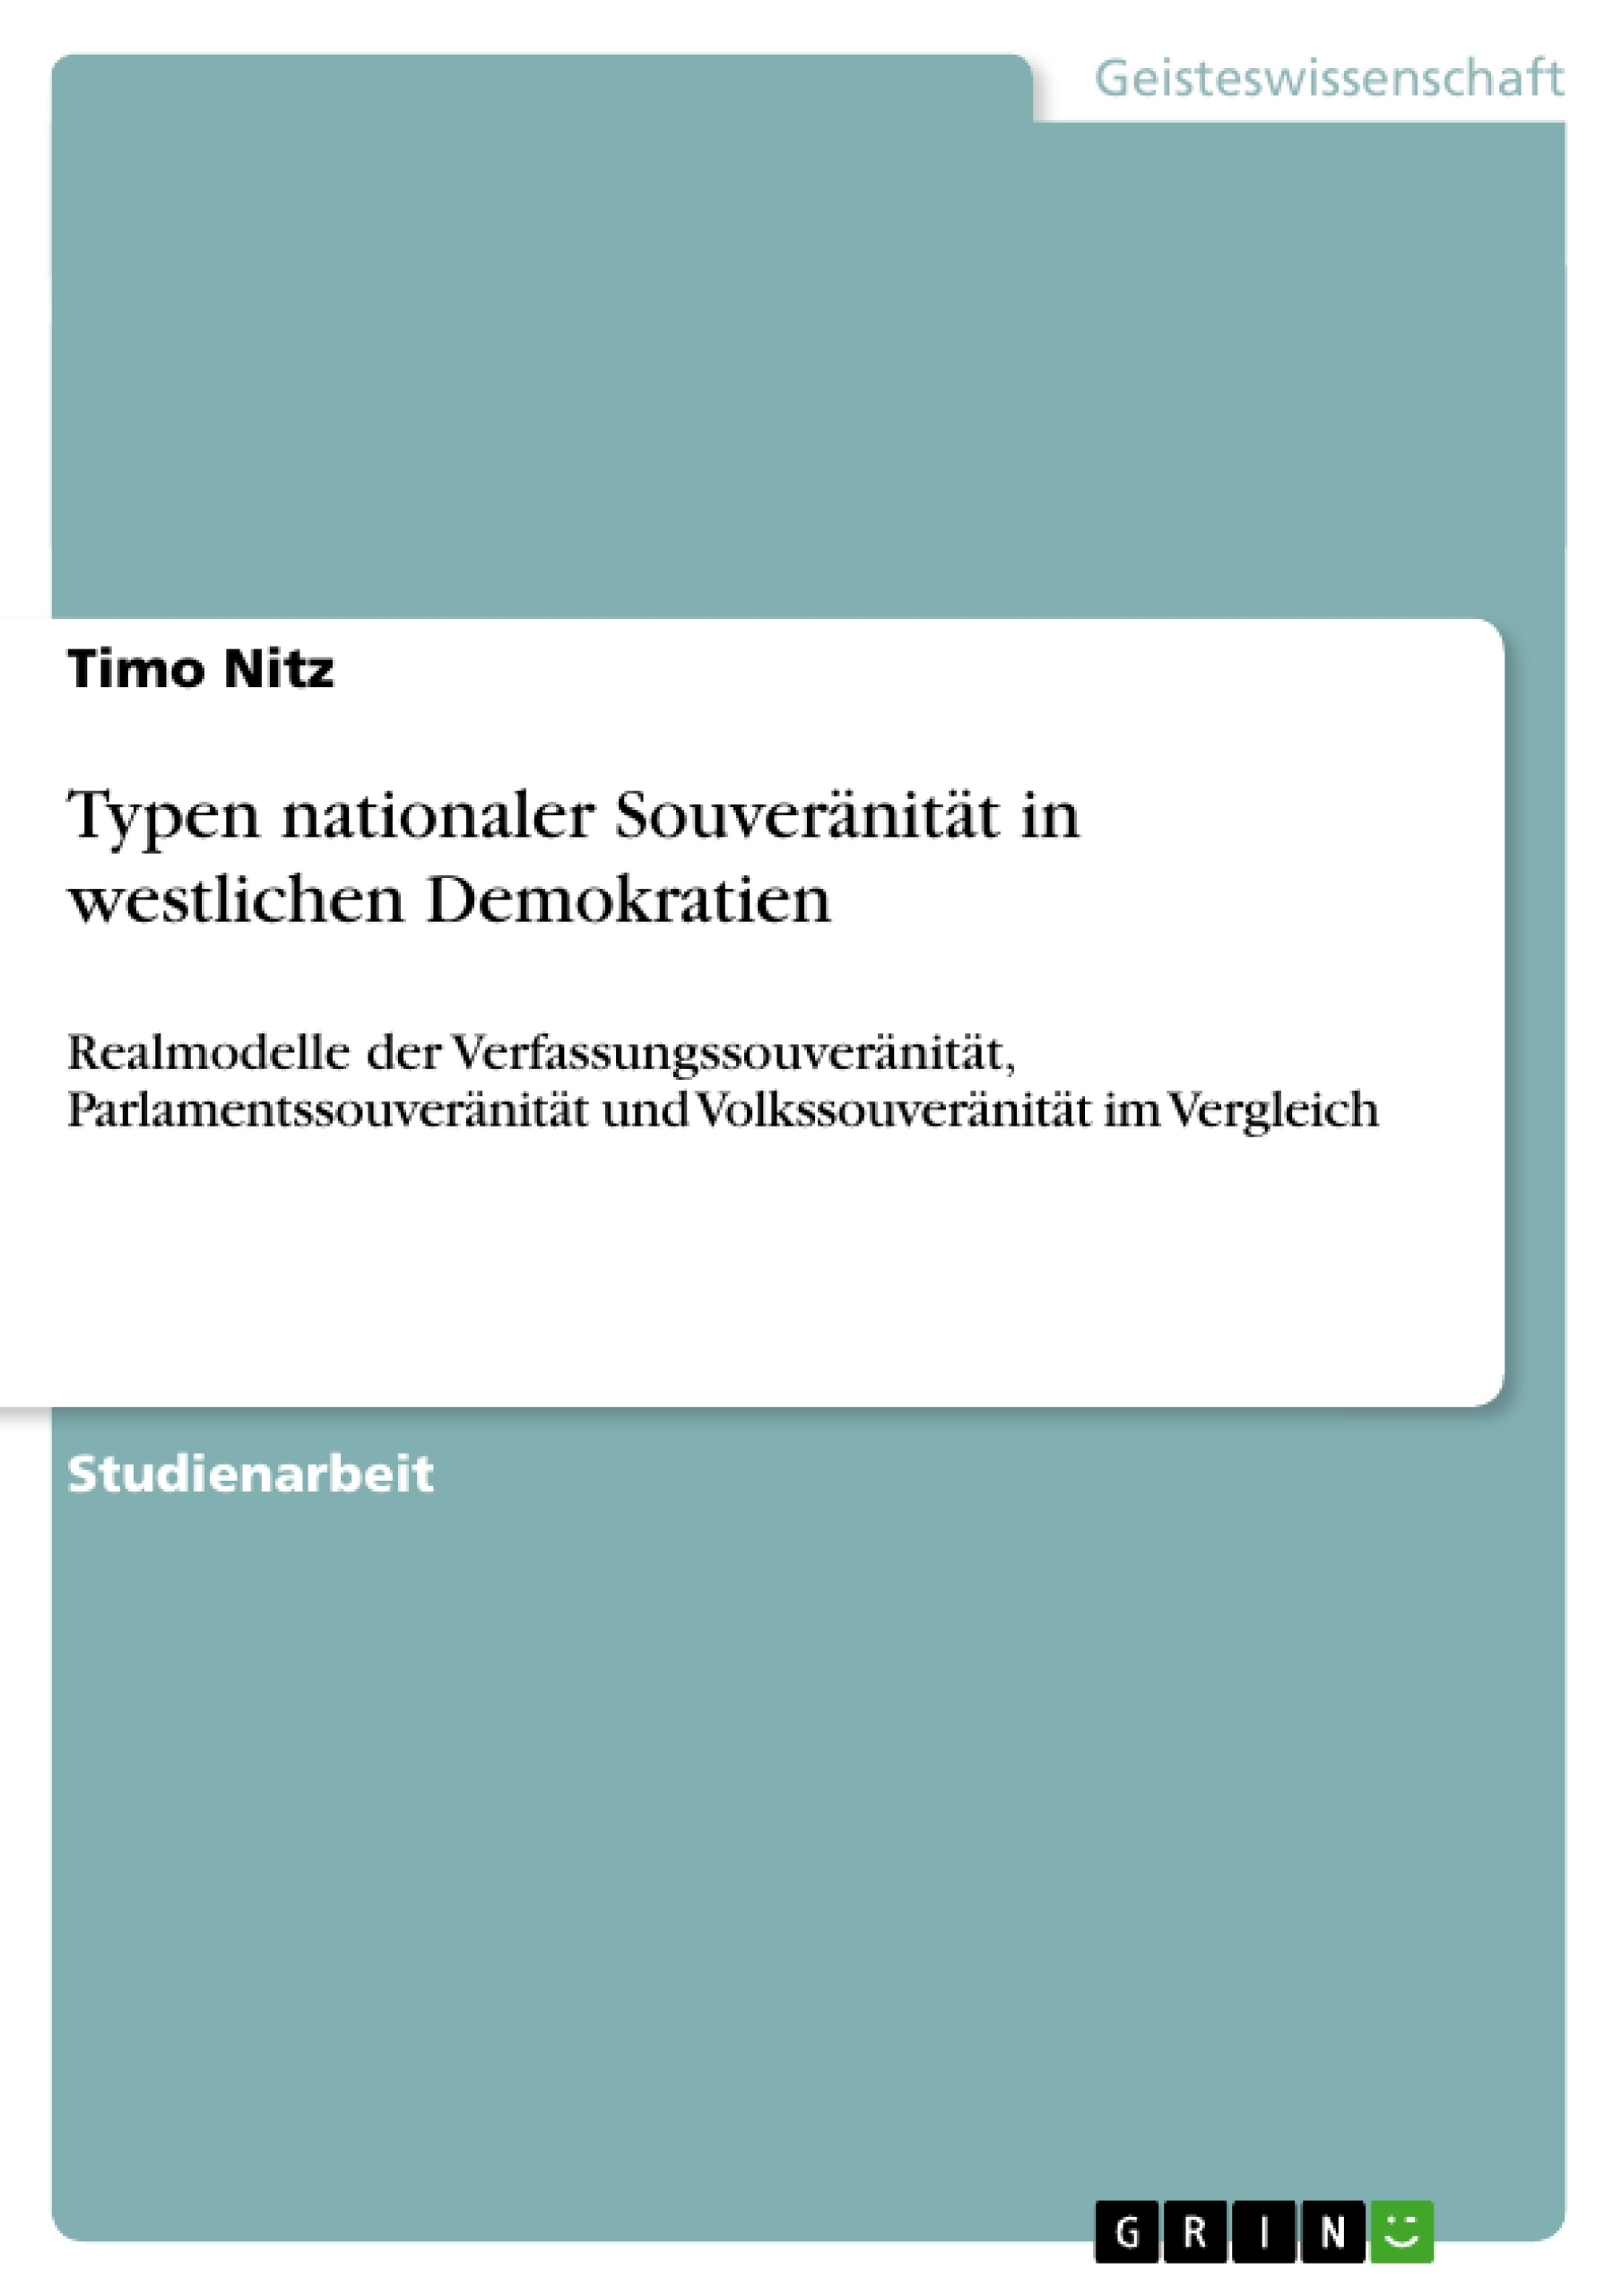 Titel: Typen nationaler Souveränität in westlichen Demokratien